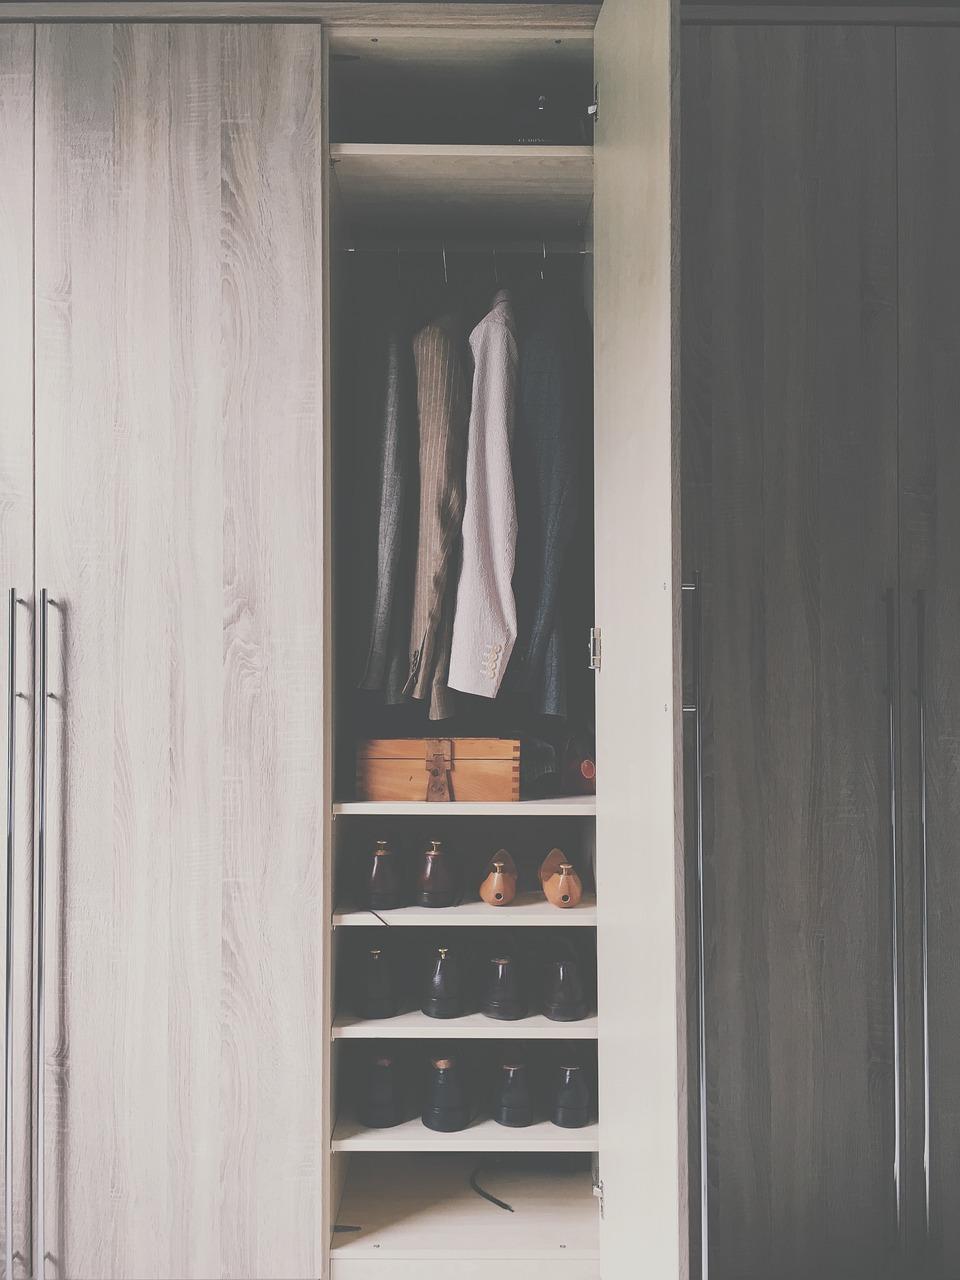 ワードローブ, クローゼット, キャビネット, ドア, オープン, 靴, 衣料品, ボックス, 内部